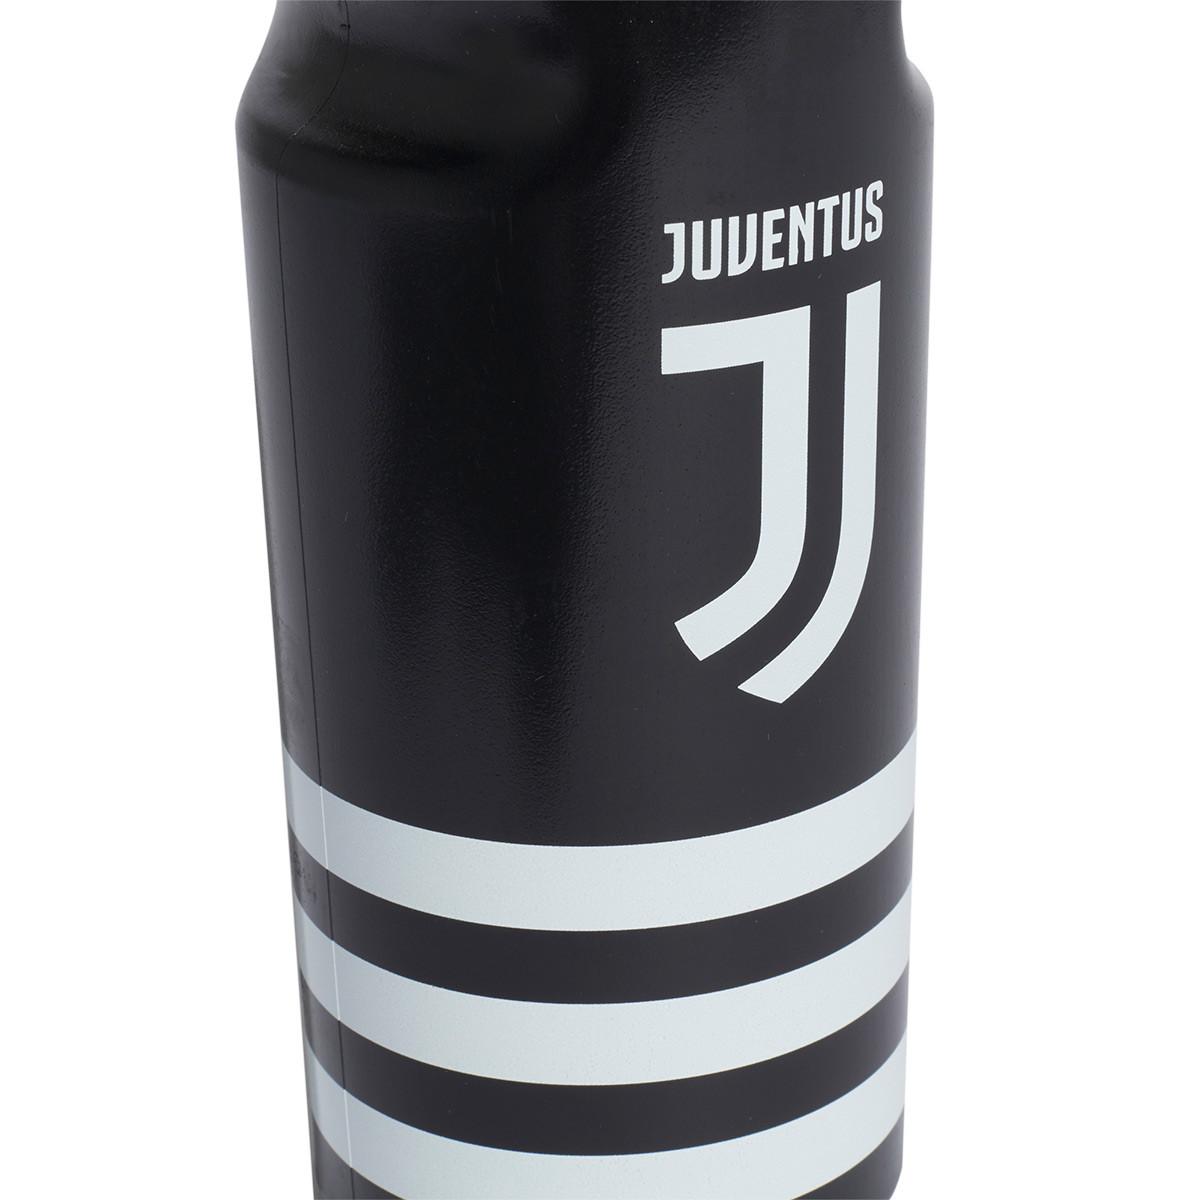 Borraccia adidas Juventus 2019 2020